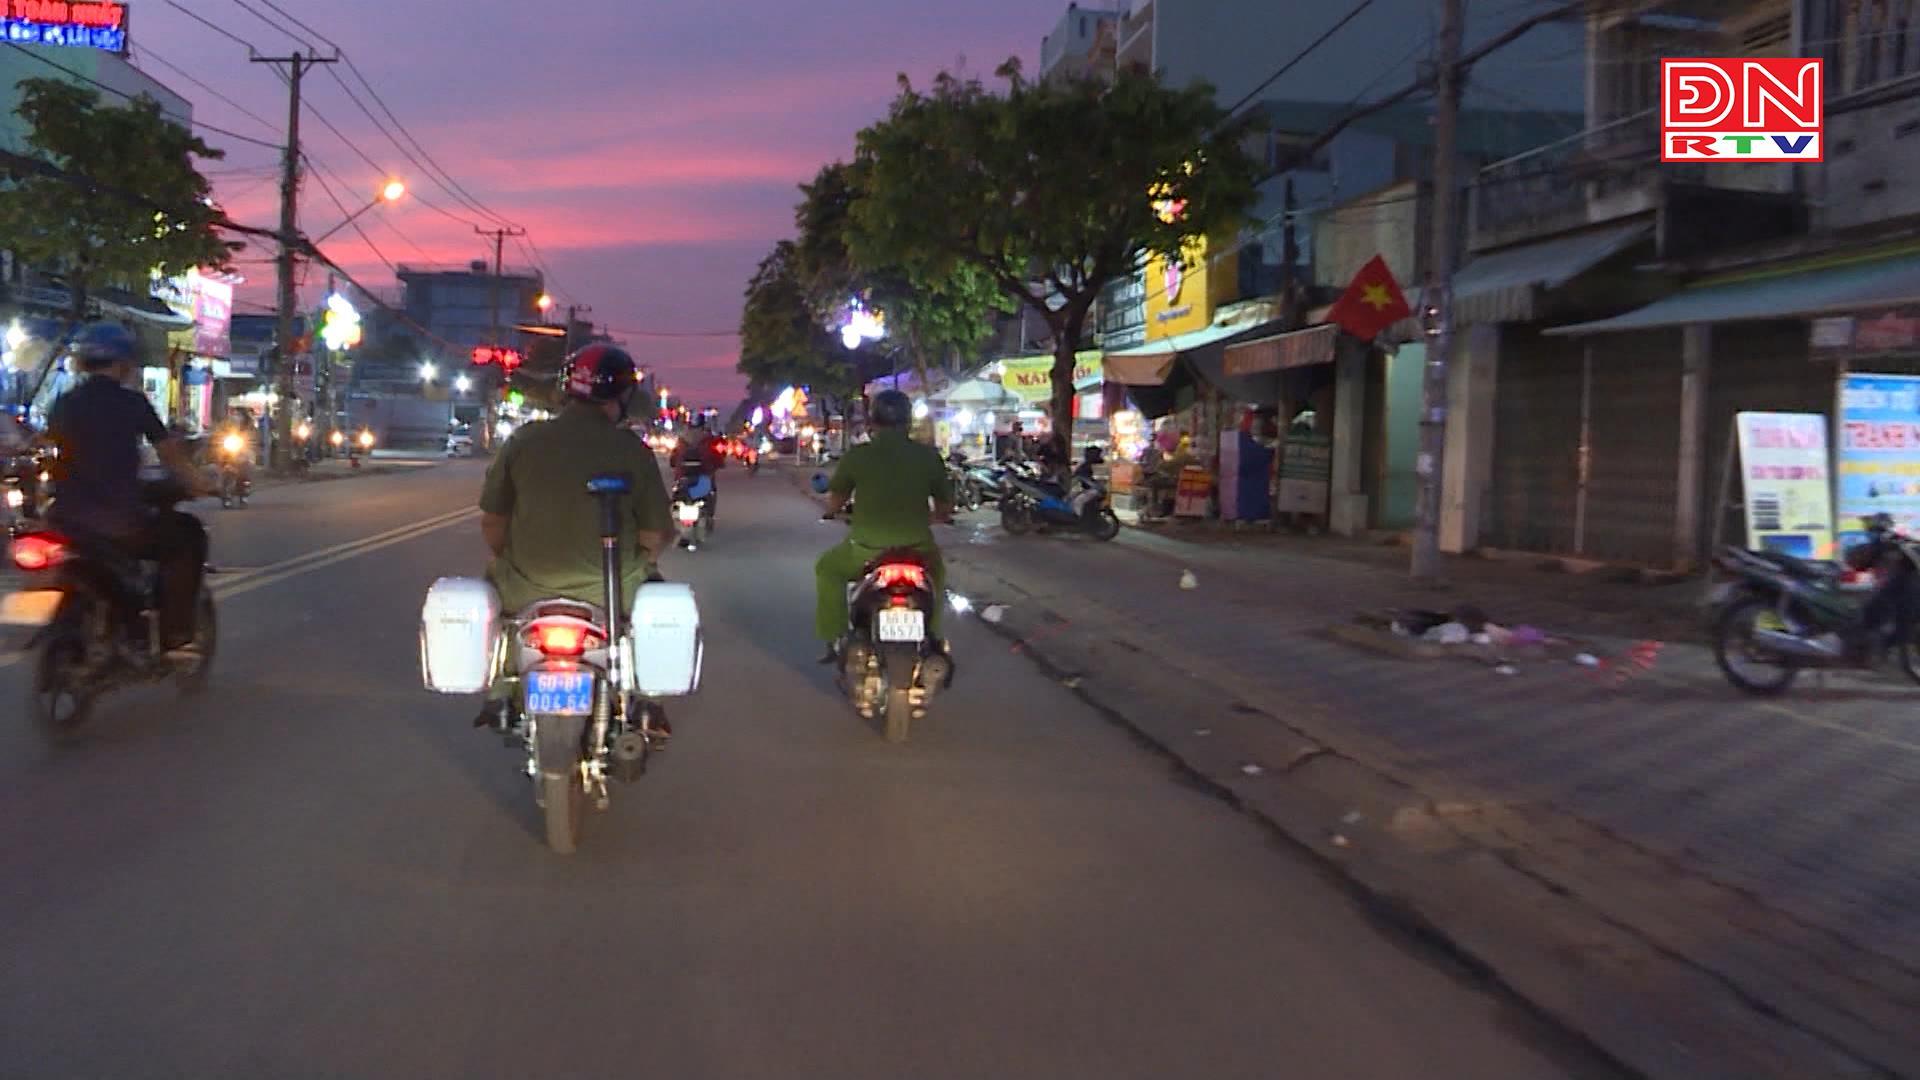 Diện mạo mới về an ninh trật tự ở Long Thành